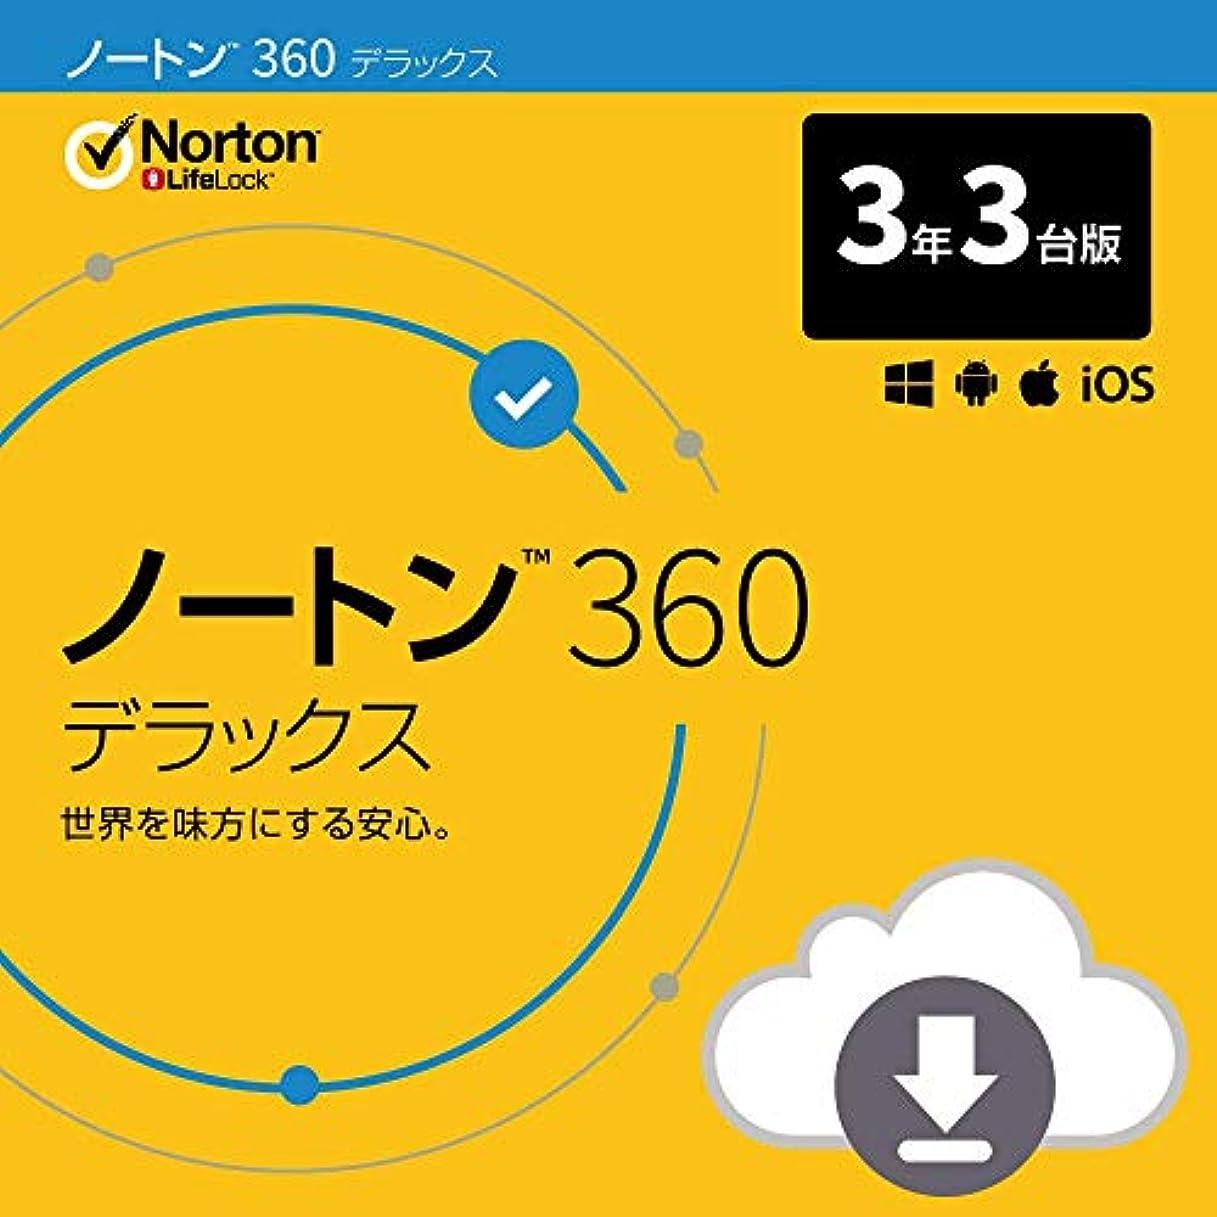 排除するシチリア請求可能ノートン 360 デラックス セキュリティソフト(最新)|3年3台版|オンラインコード版|Win/Mac/iOS/Android対応